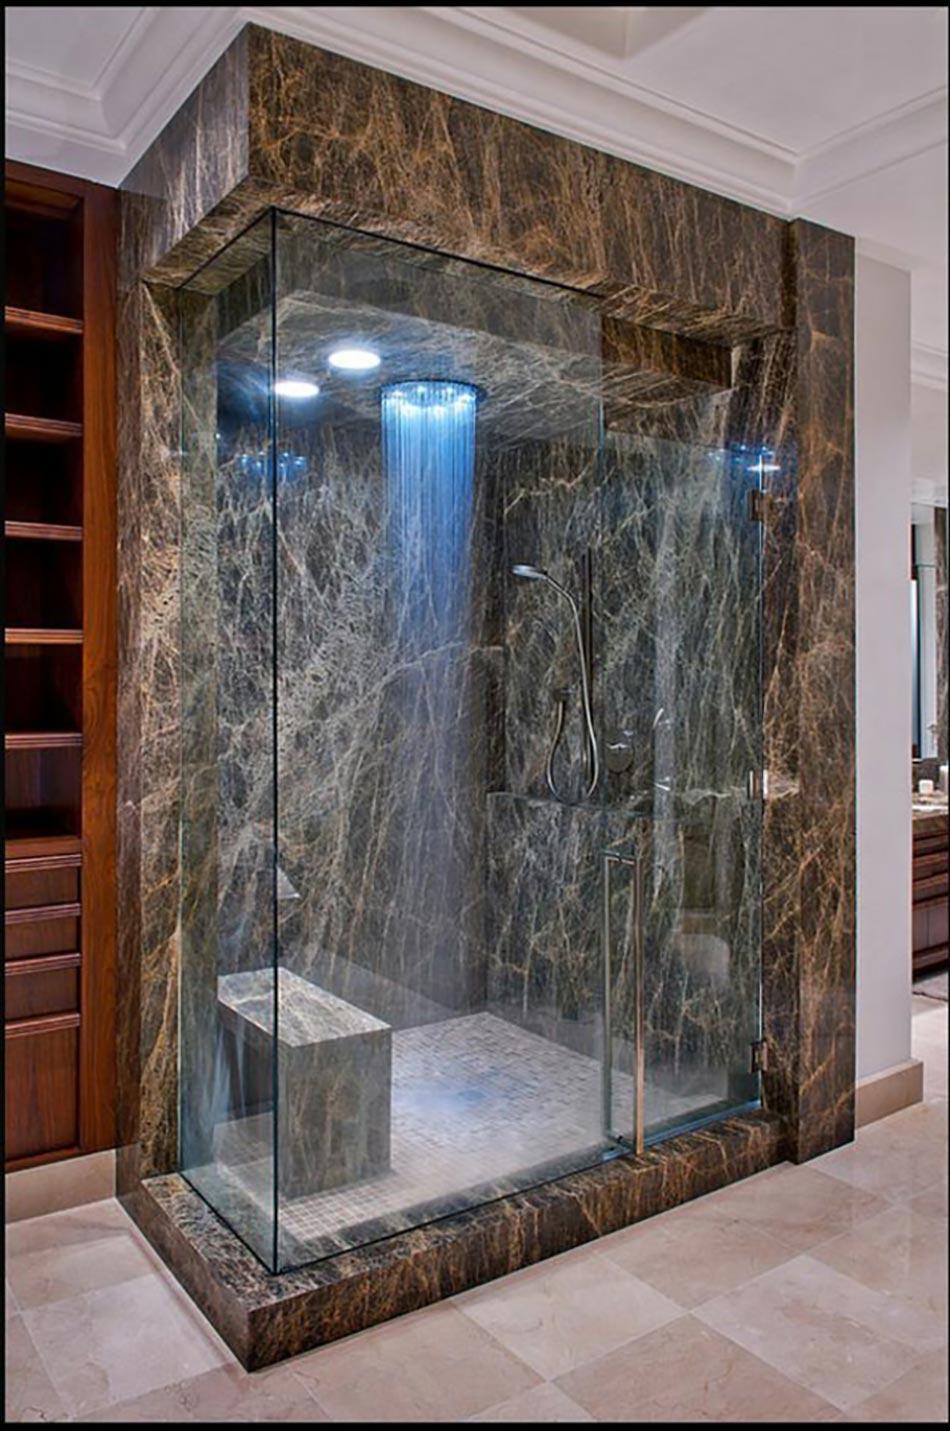 salle de bain d cor e par une douche design ultime. Black Bedroom Furniture Sets. Home Design Ideas